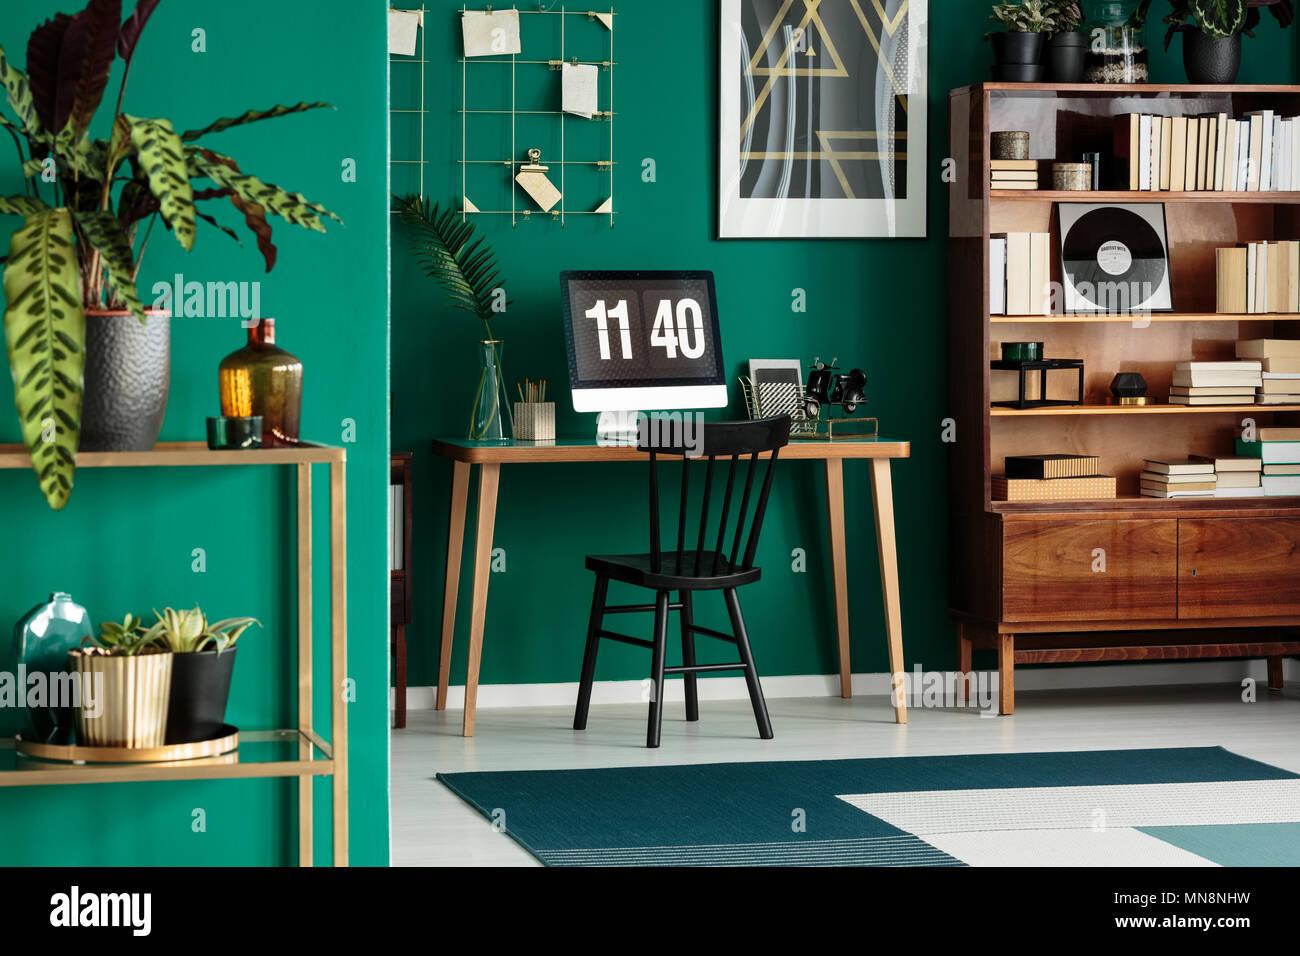 Schwarzer Stuhl am Schreibtisch mit Computer in Grün home office Einrichtung mit Holzmöbeln Stockbild